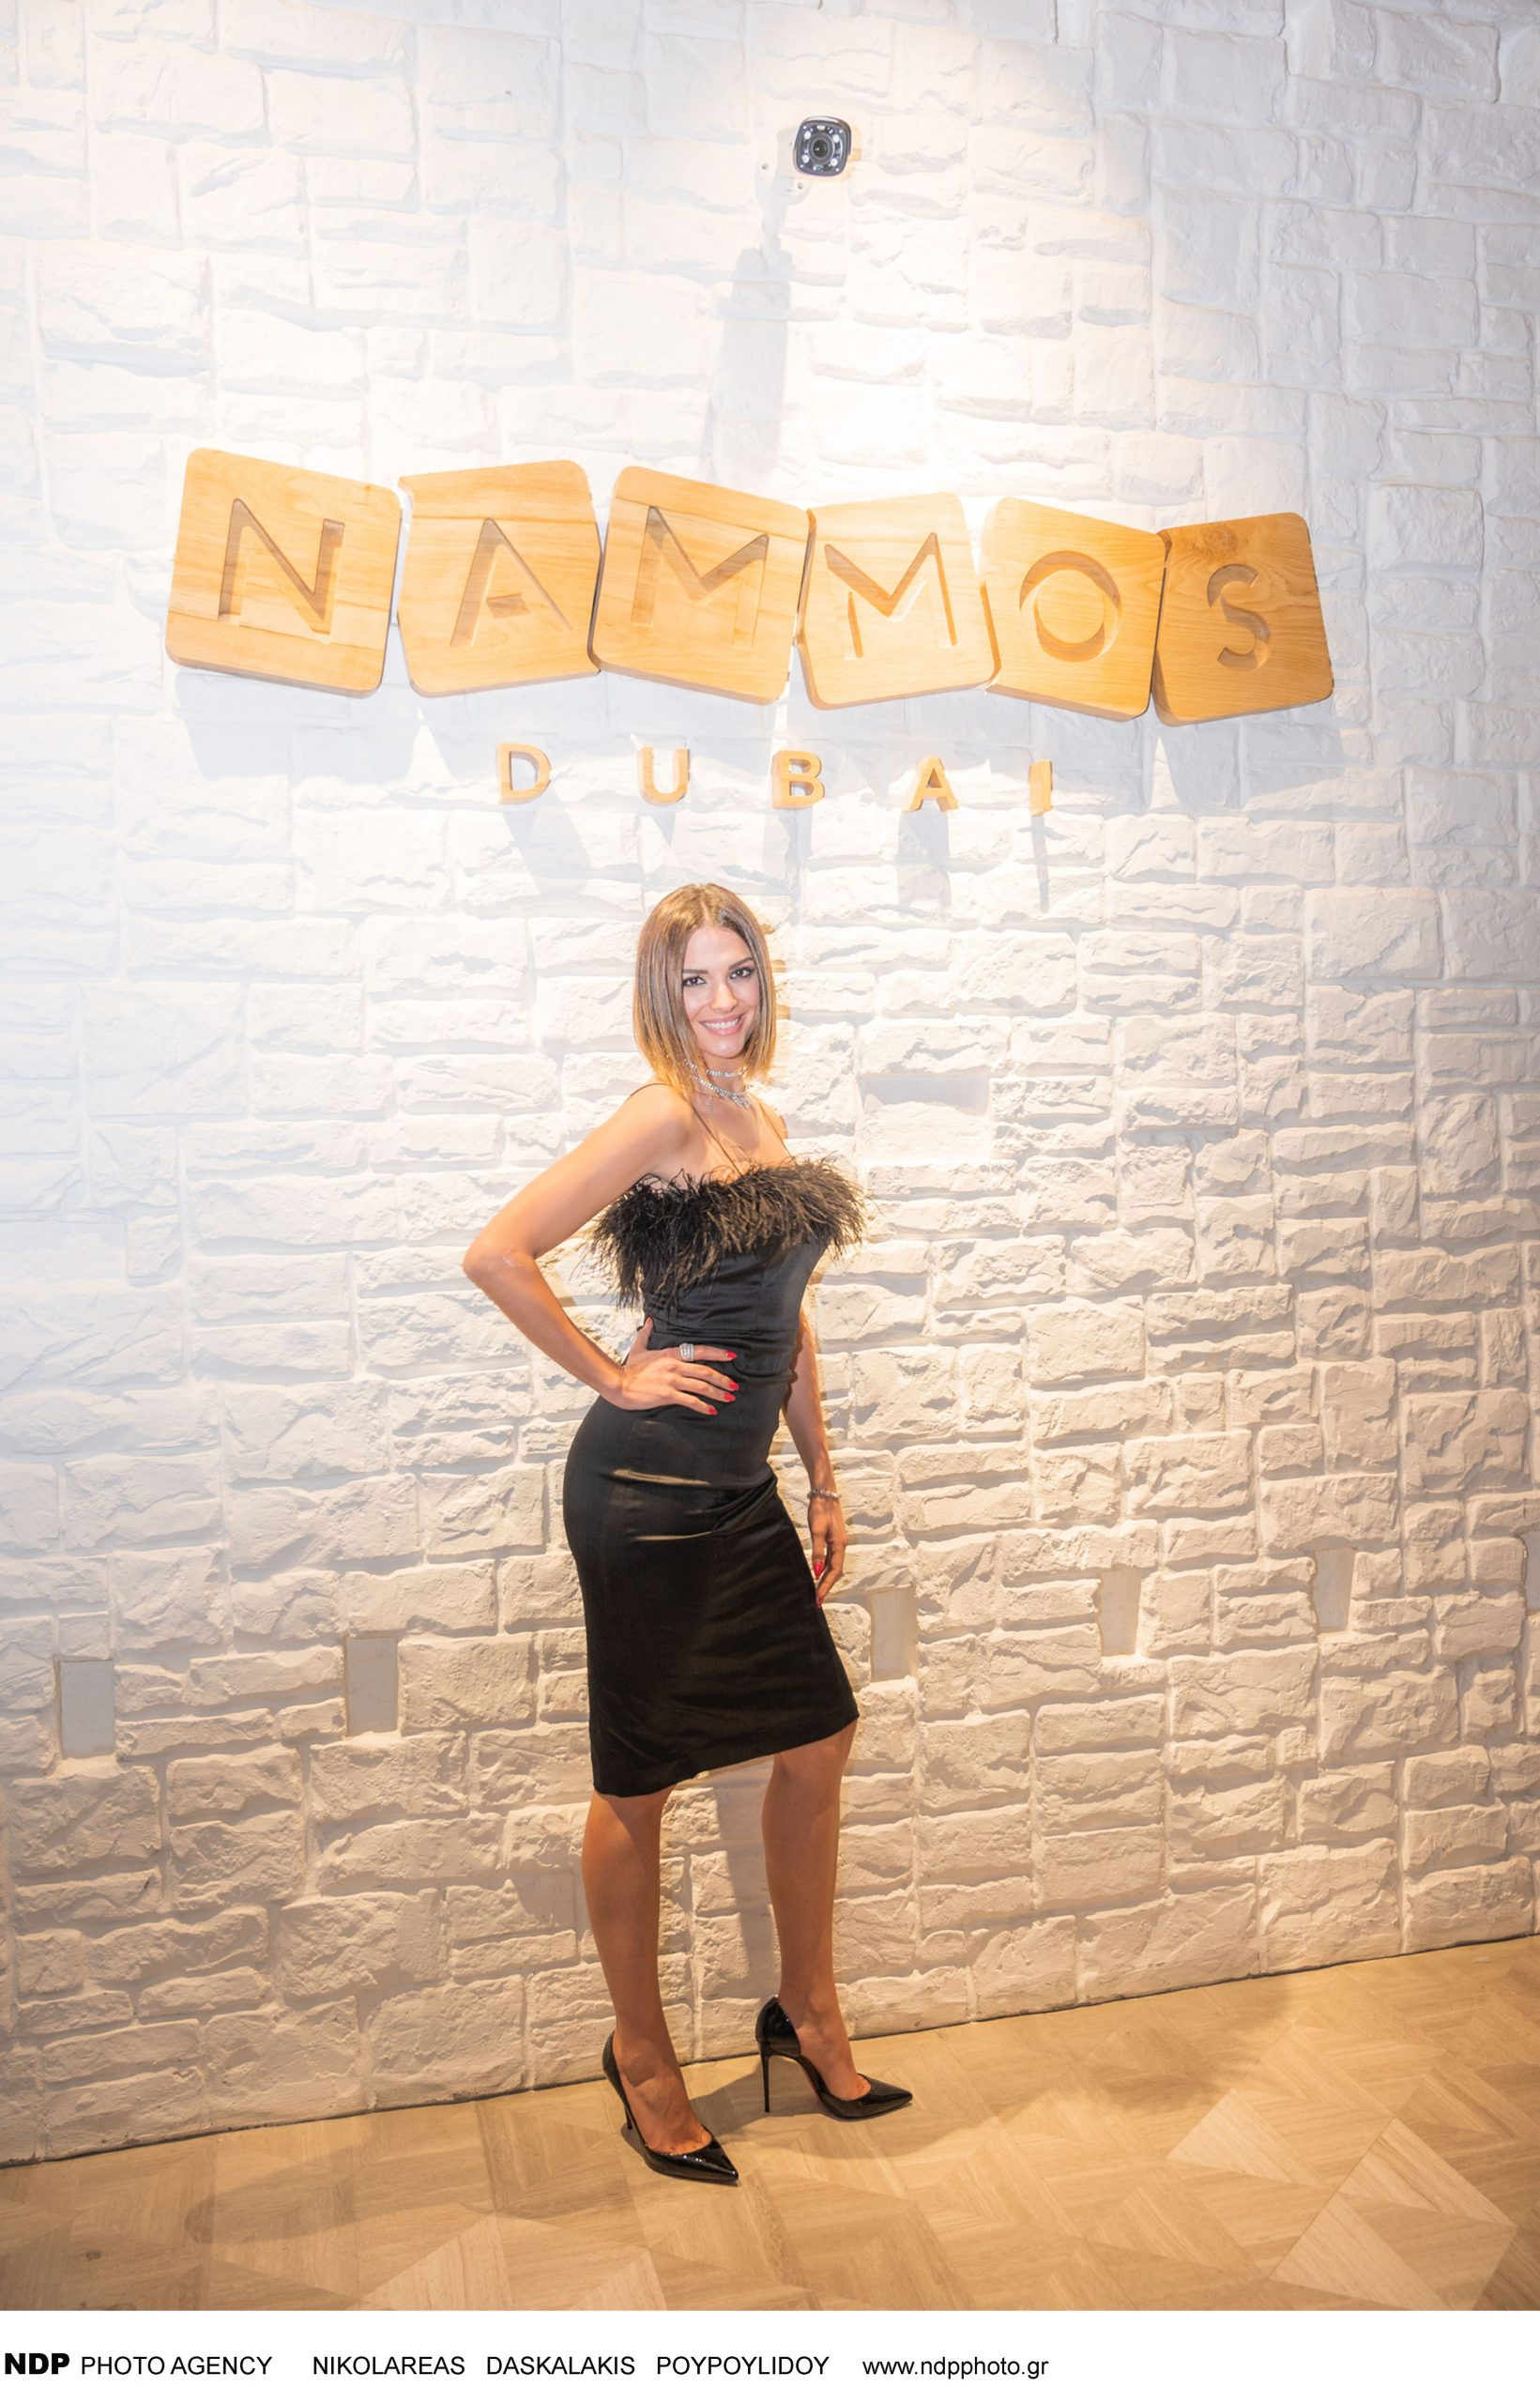 """Πολλοί Έλληνες αλλά και πολλοί επώνυμοι καλεσμένοι από όλο τον κόσμο, επέλεξαν το Nammos Dubai, για να περάσουν τις μέρες των γιορτών στο διαμάντι της ανατολής. Για άλλη μια φορά, πόλο έλξης αποτέλεσε το """"αδελφάκι"""" του μυκονιάτικου Nammos, το οποίο βρίσκεται μέσα στο συγκρότημα του Four Seasons Resort, στην παραλία Jumeirah, το οποίο αυτήν τη στιγμή είναι no1 hot trend για jet setters αλλά και superstars θαμώνες, όπως ο Cristiano Ronaldo. Στα πλαίσια του πρωτοχρονιάτικου ρεβεγιόν, αλλά και του """"Made in Mykonos"""" event ανήμερα της πρωτοχρονιάς, ο καταξιωμένος συνθέτης Στέφανος Κορκολής, μαζί με την ερμηνεύτρια Σοφία Μανουσάκη, χάρισαν στους παρευρισκόμενους μοναδικές στιγμές, τραγουδώντας πολλά αγαπημένα τραγούδια. Αμέσως μετά ο κορυφαίος Λιβανέζος τραγουδιστής, Ragheb Alama, πήρε τη σκυτάλη και συνέχισε τη διασκέδαση των καλεσμένων, ενώ την επόμενη μέρα το κοινό απόλαυσε τις μουσικές επιλογές του αναγνωρισμένου διεθνώς DJ Βασίλη Τσιλιχρήστου."""